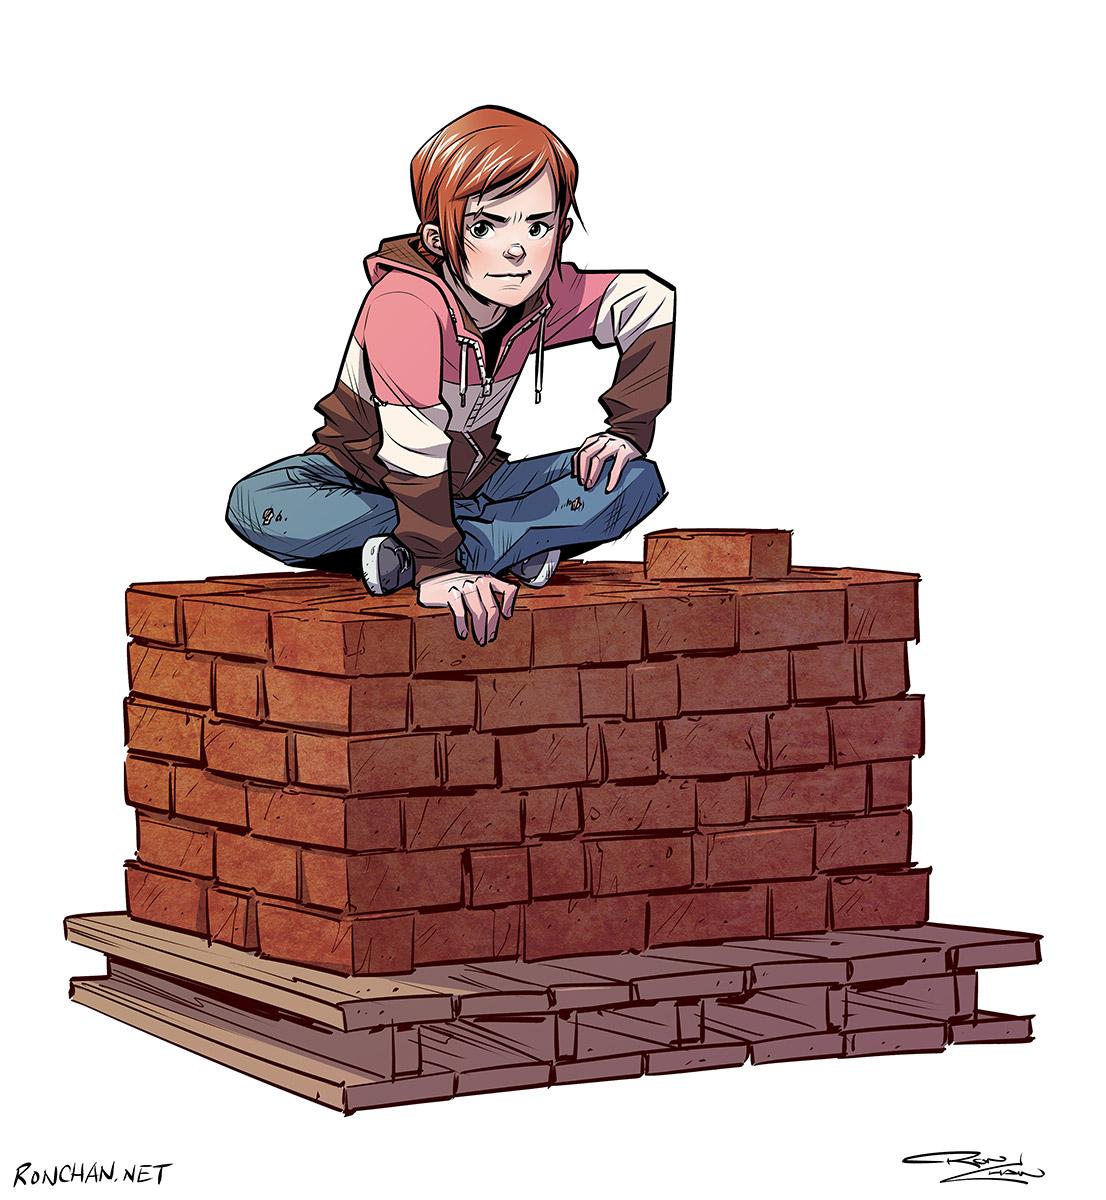 lastofus_ellie-bricks.jpg